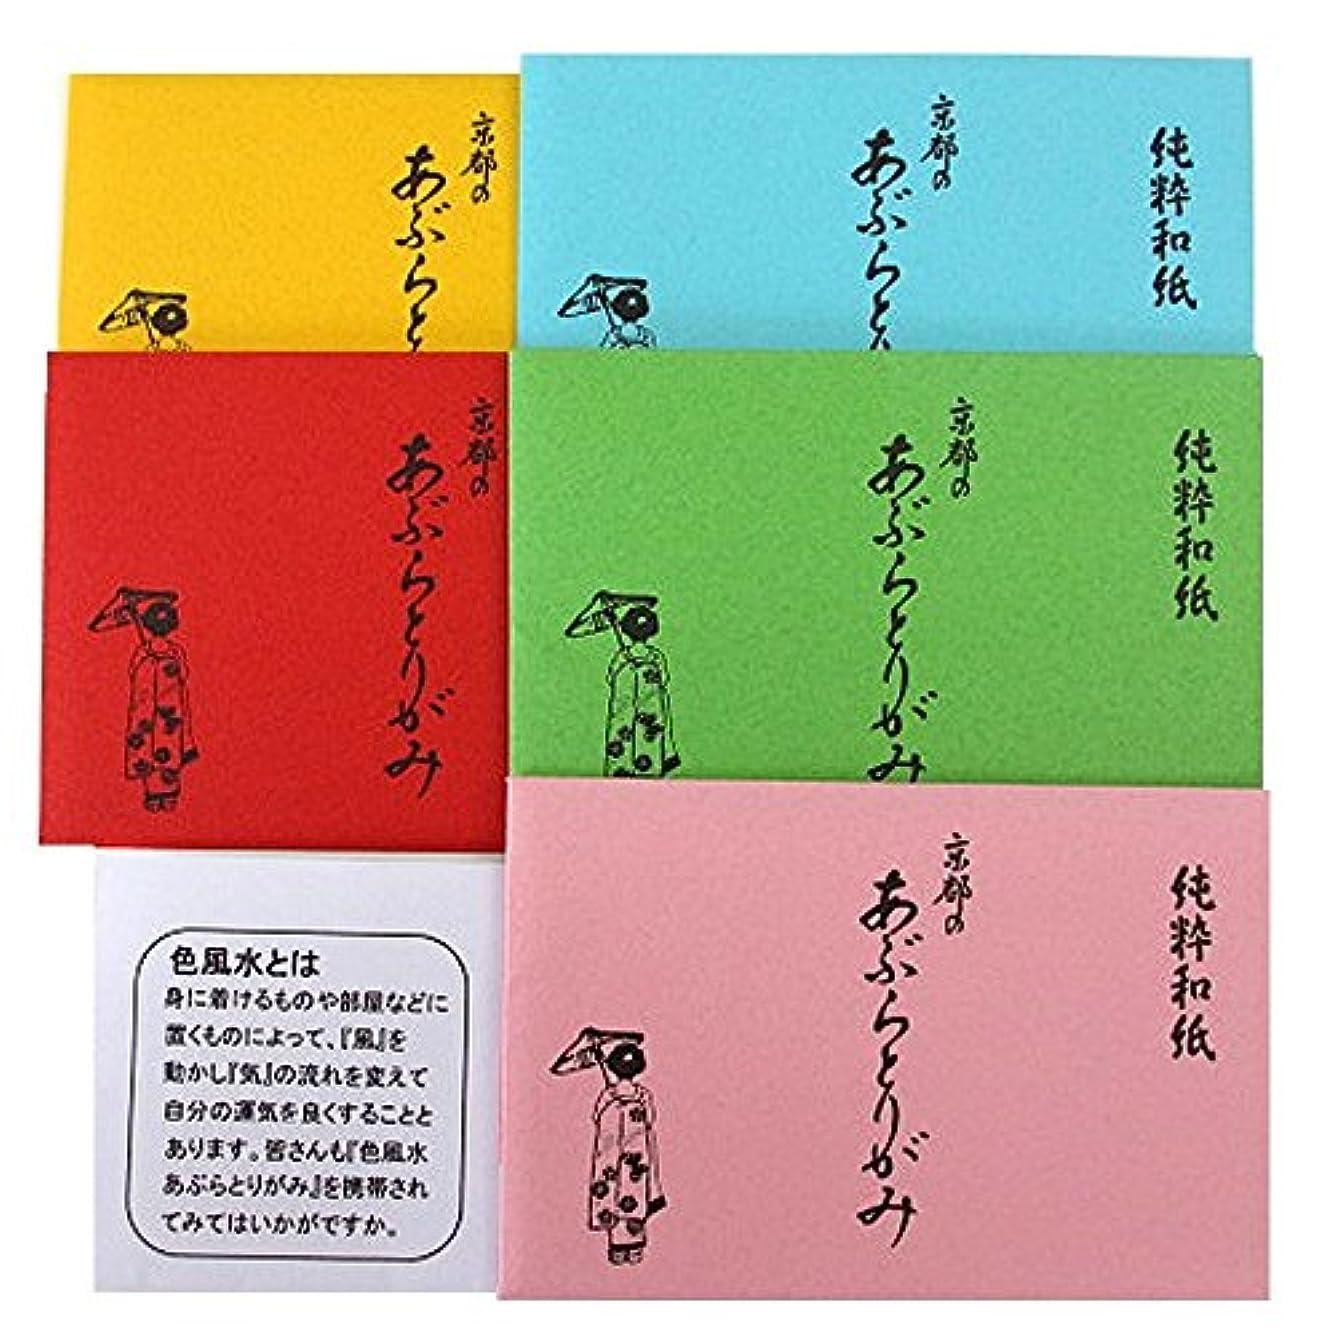 フォーマル奇跡的な翻訳者舞妓さんのあぶらとりがみ 30枚入り 5冊セット